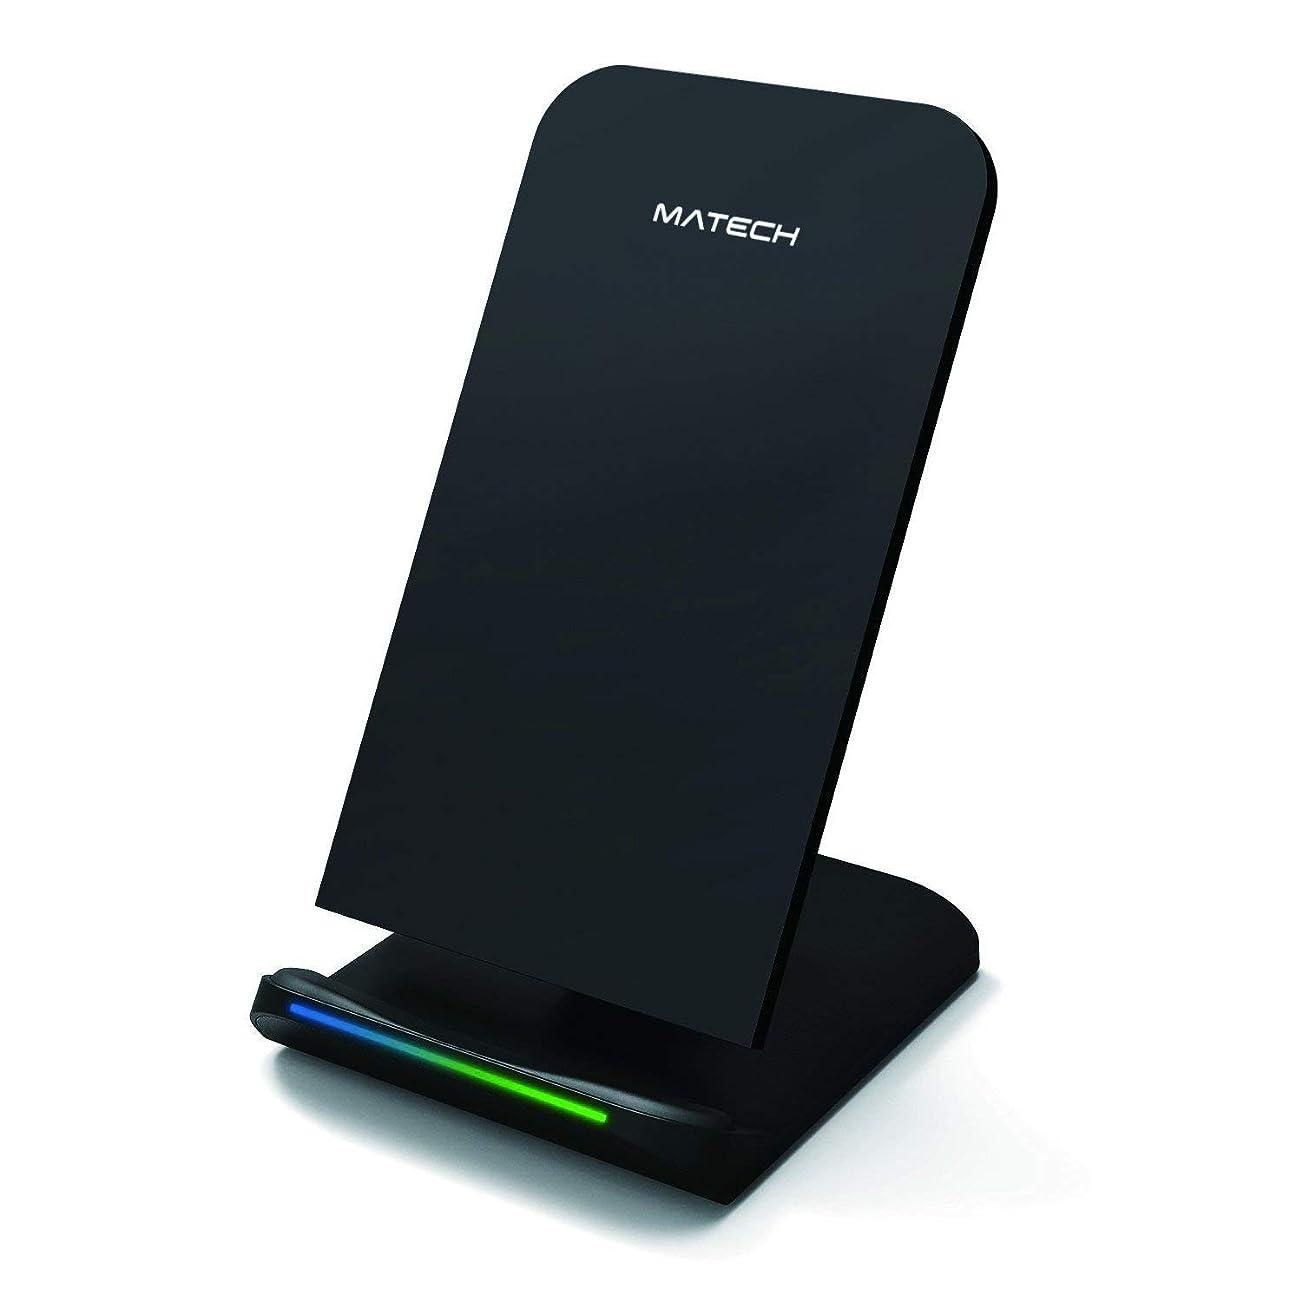 コミュニケーション伝染性の取り替える【Amazon.co.jp限定】MATECH Simplicity 7.5W スタンド (5W / 7.5W / 10W Qi 認証品 ワイヤレス急速充電器) iPhone 11 / iPhone 11 Pro / Pro Max / iPhone XS / XS Max / XR / X / 8 / 8 Plus、Galaxy S9 / S9+ / S8 / S8+、その他Qi対応機種 各種対応 (正規保証1年) [日本メーカー] MTTISDF10 ブラック